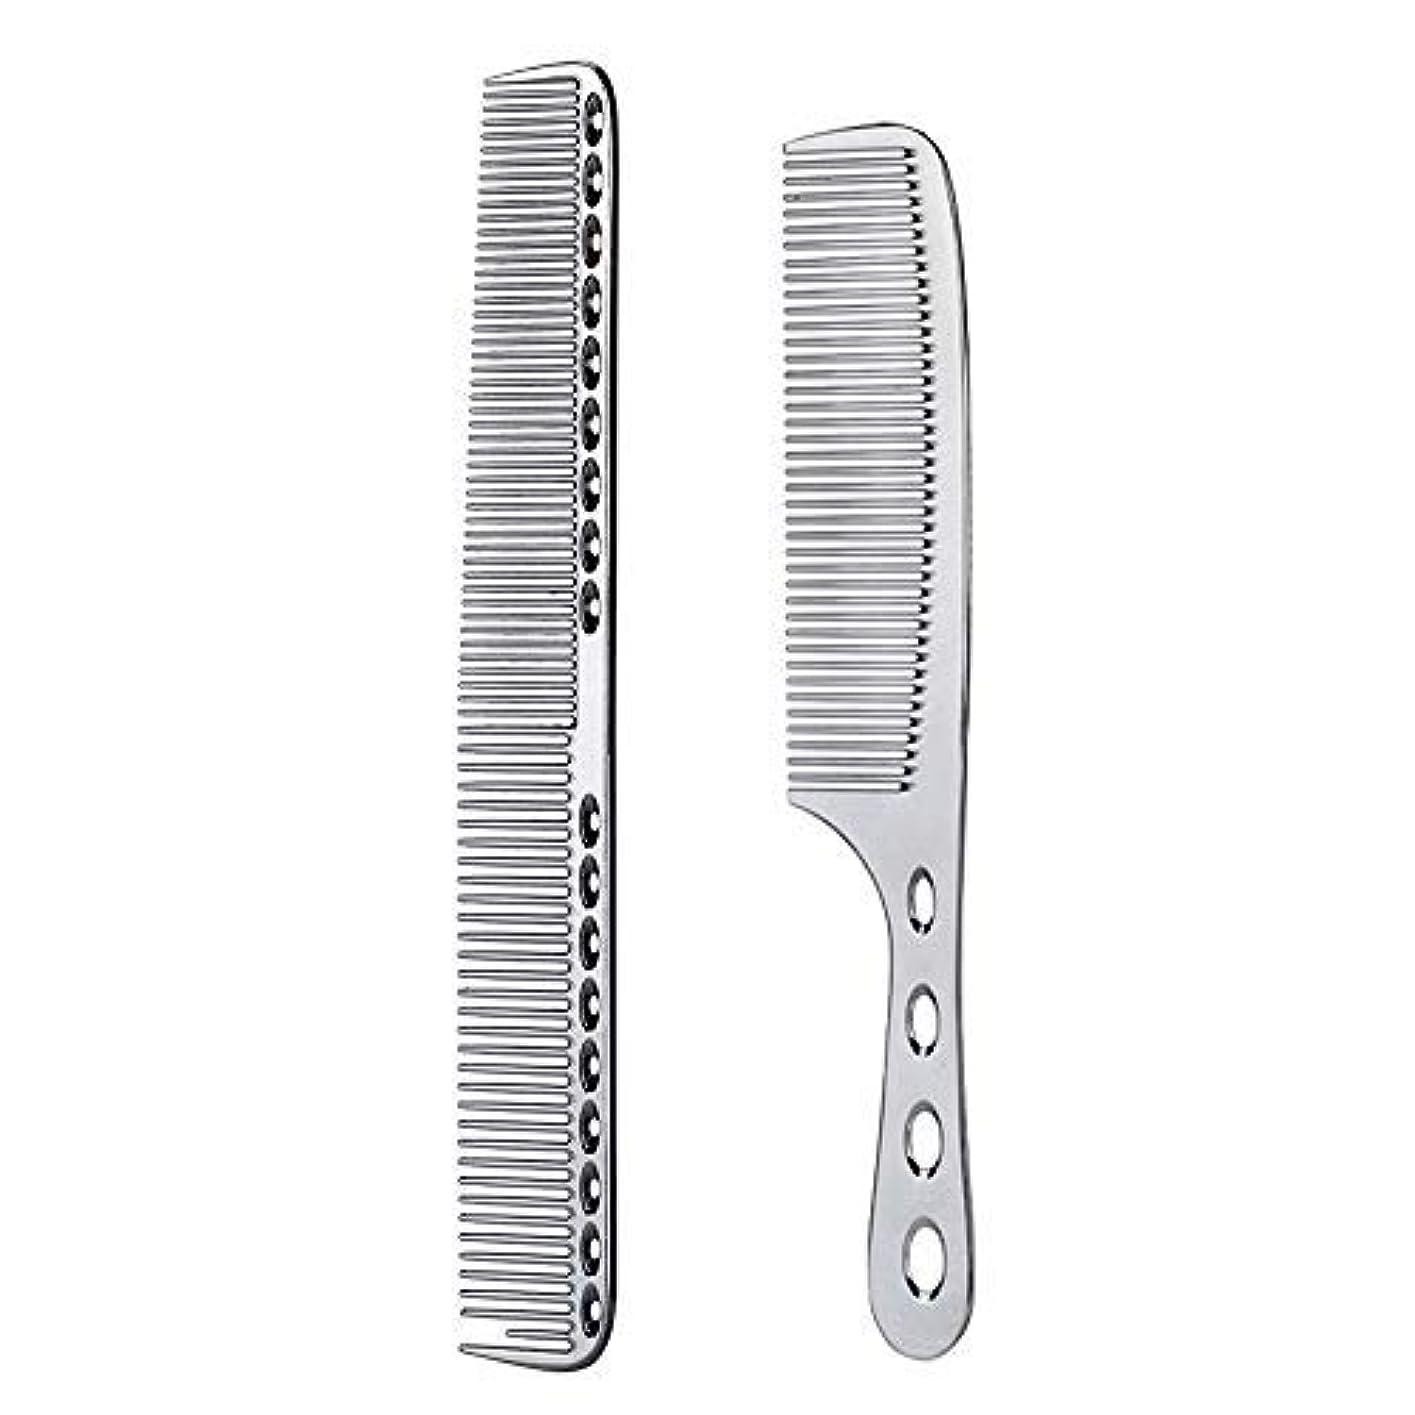 オーバードロー農奴さわやか2 pcs Stainless Steel Hair Combs Anti Static Styling Comb Hairdressing Barbers Combs (Silver) [並行輸入品]